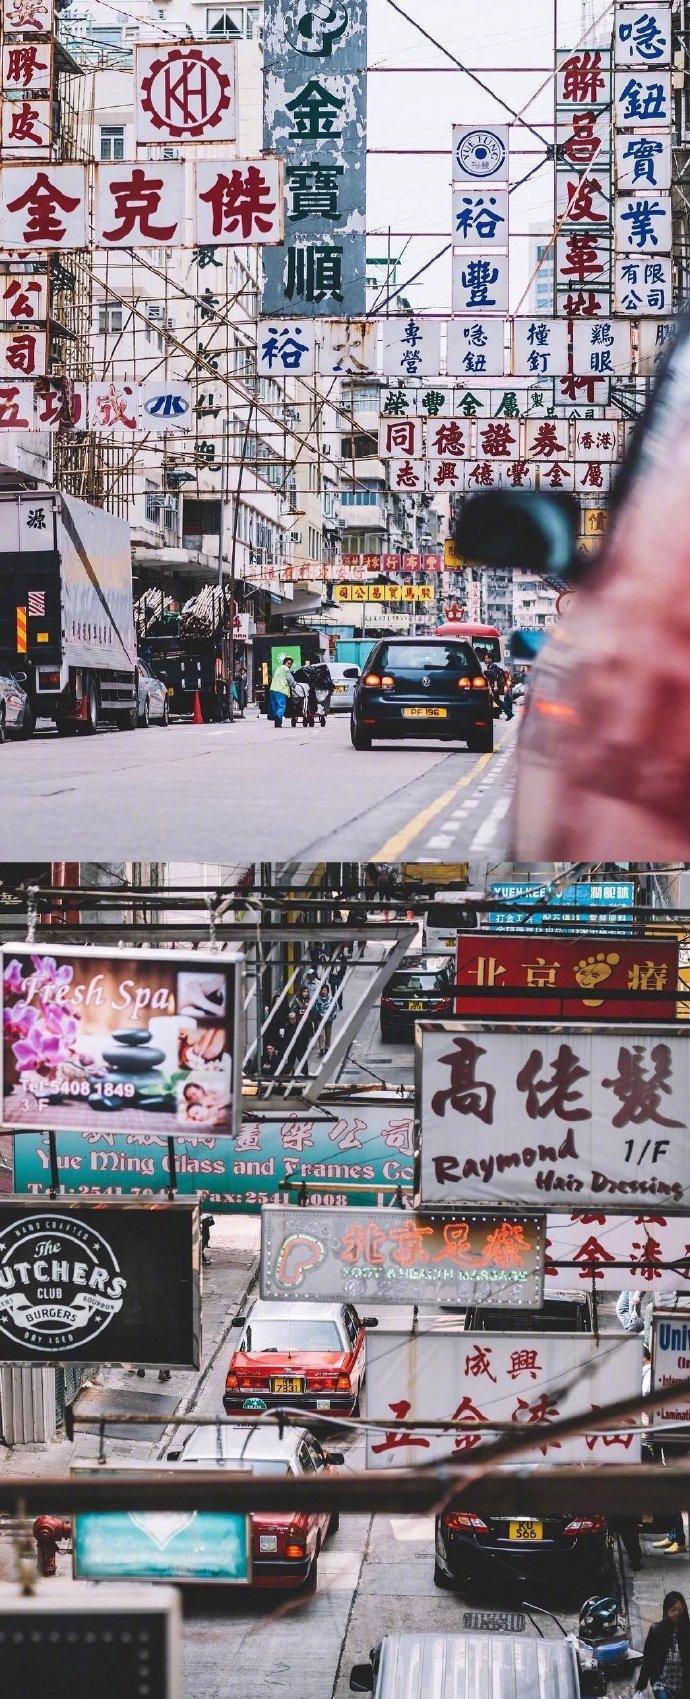 香港的街头,是港剧里熟悉的场景。